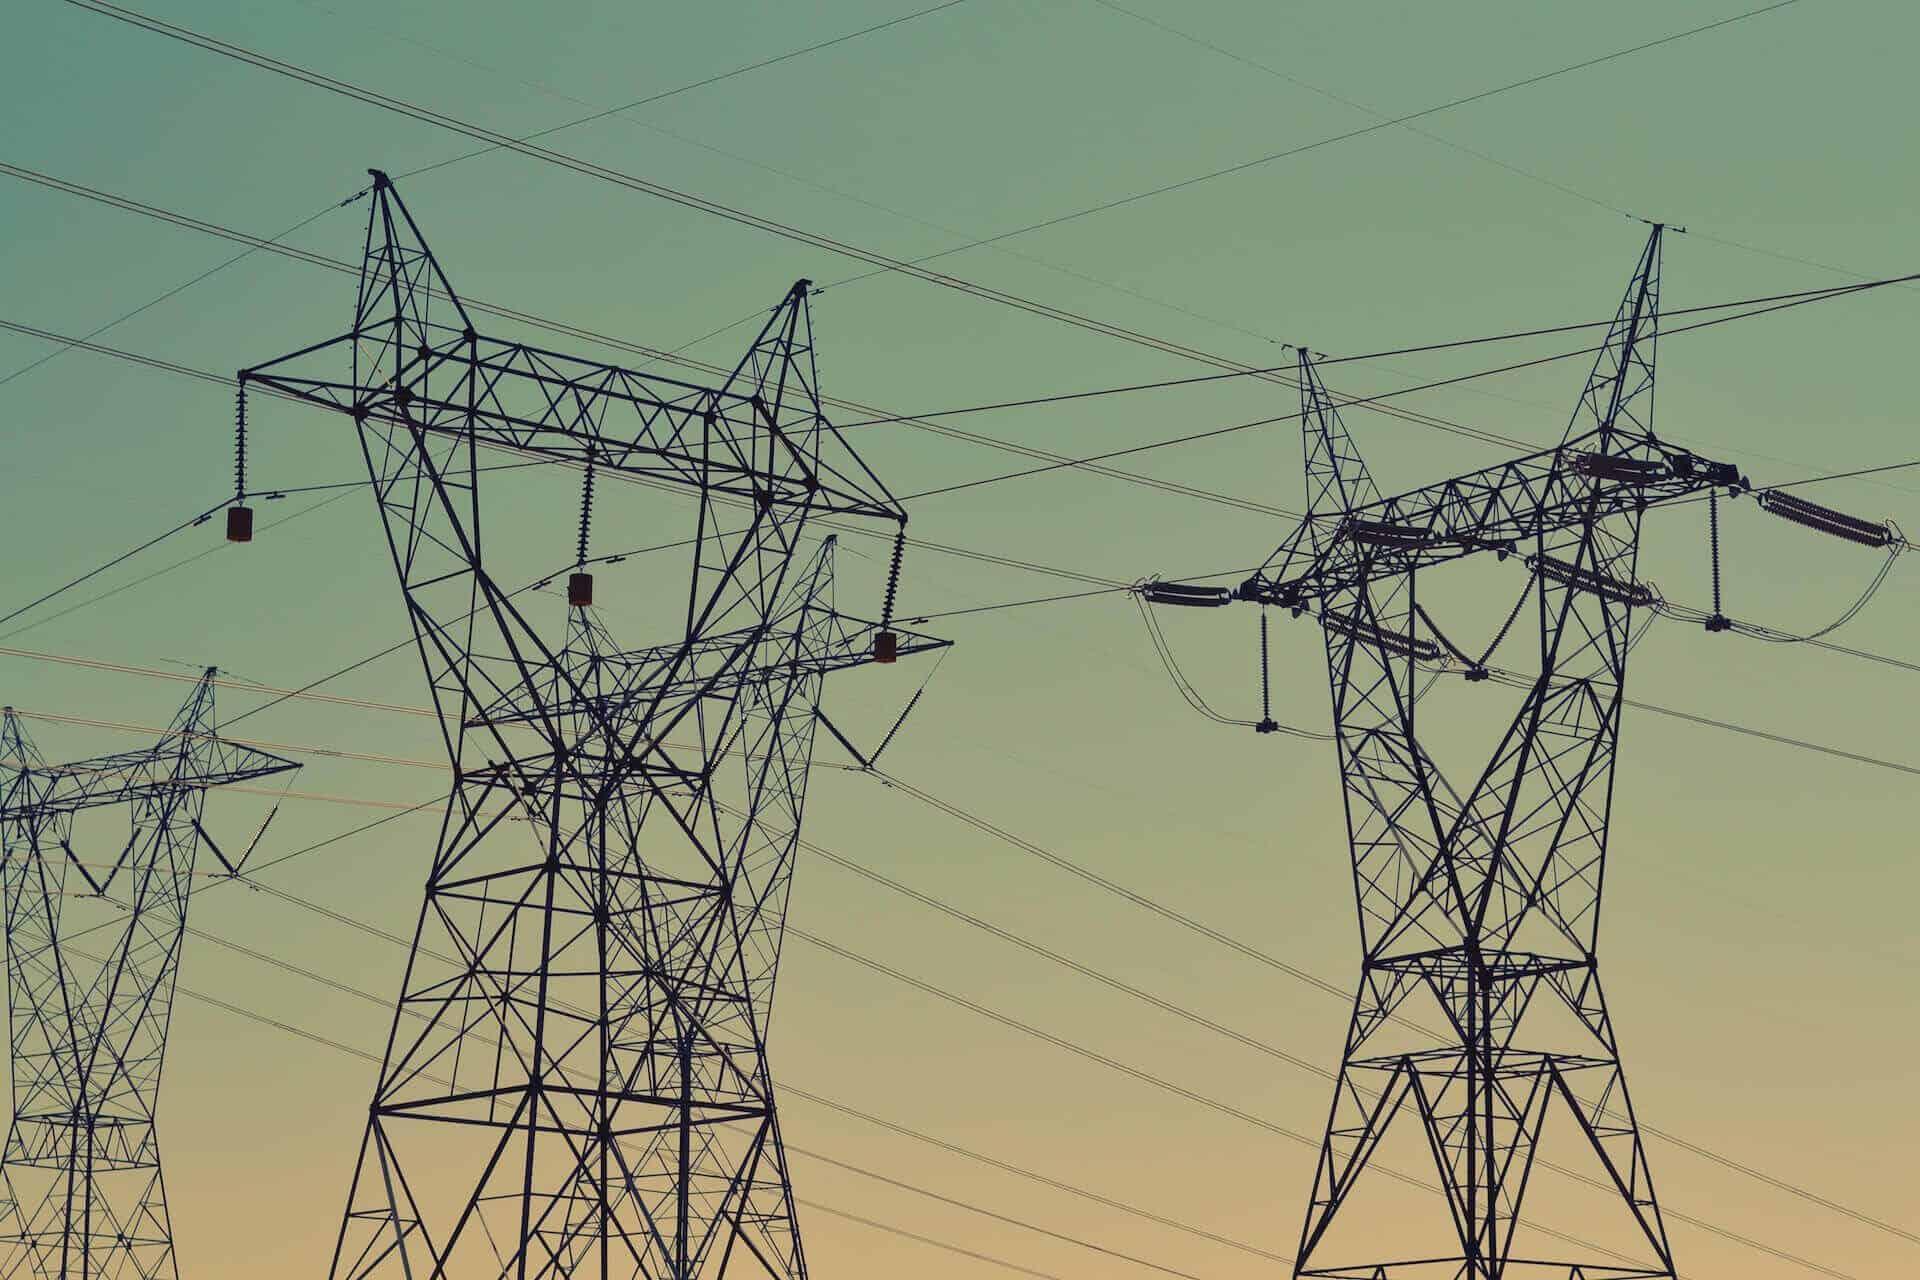 Strommasten Hochspannungsmasten Freileitung Abendhimmel